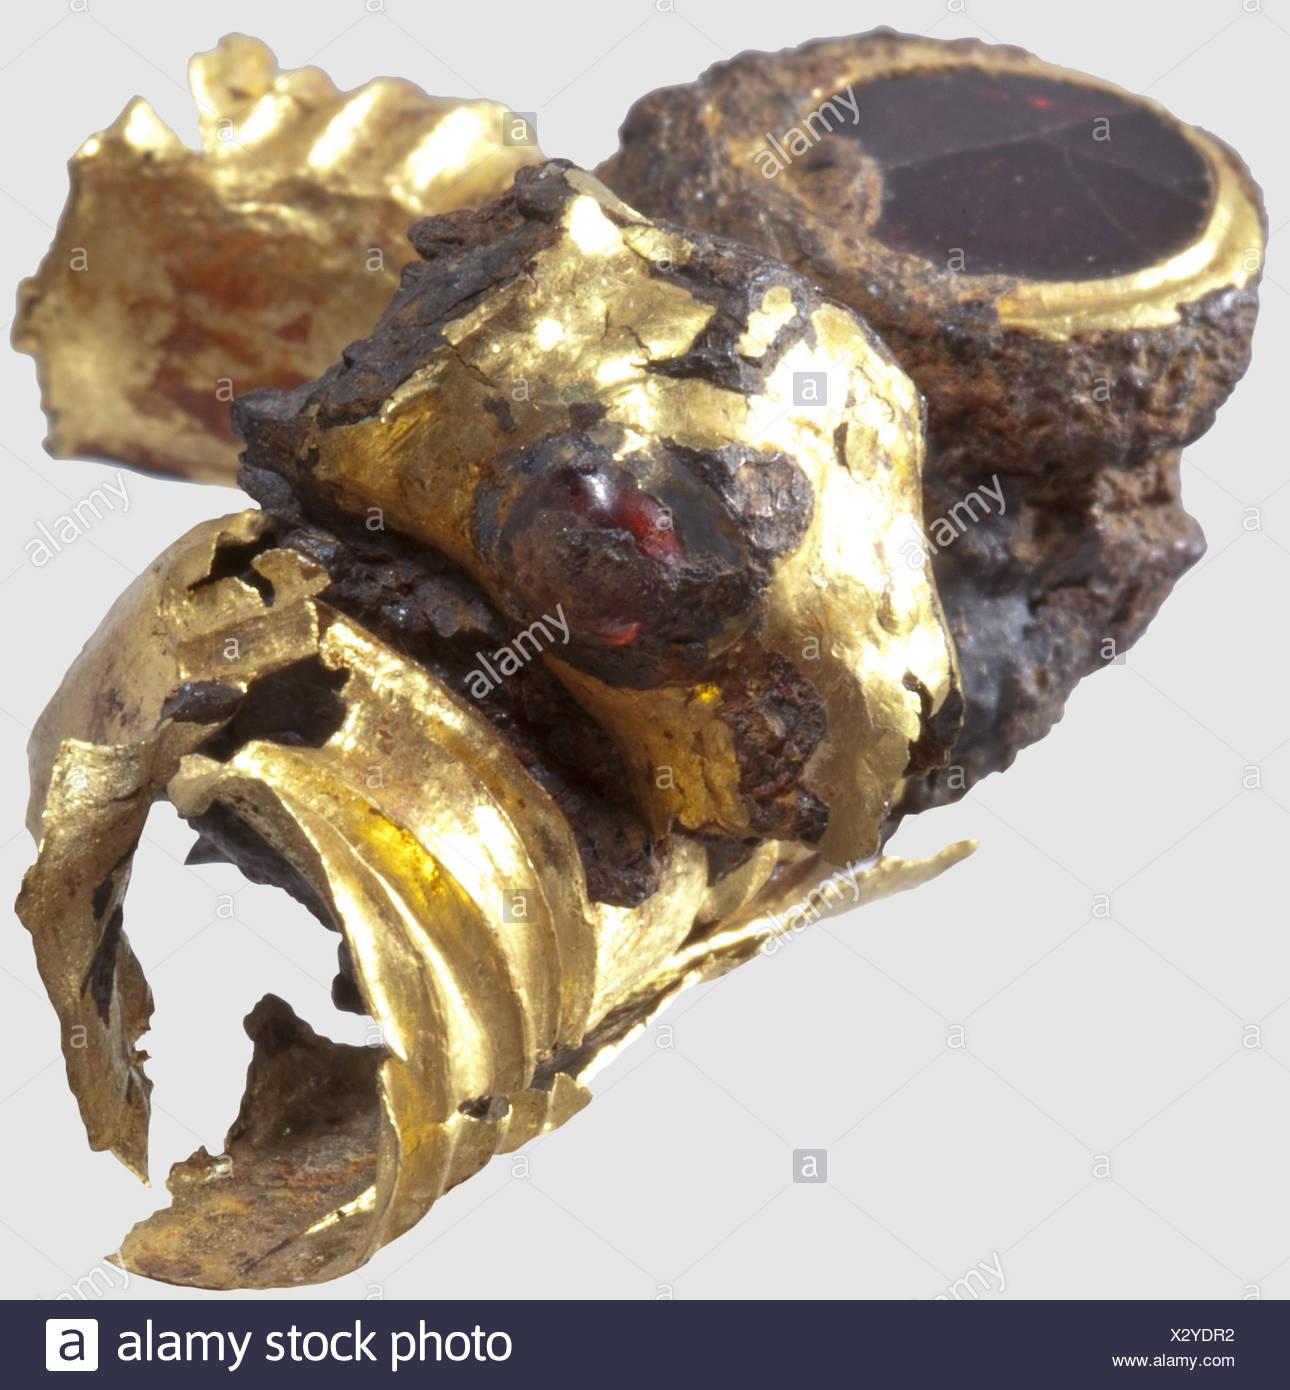 Gold Byzantine Jewelry Stock Photos & Gold Byzantine Jewelry Stock